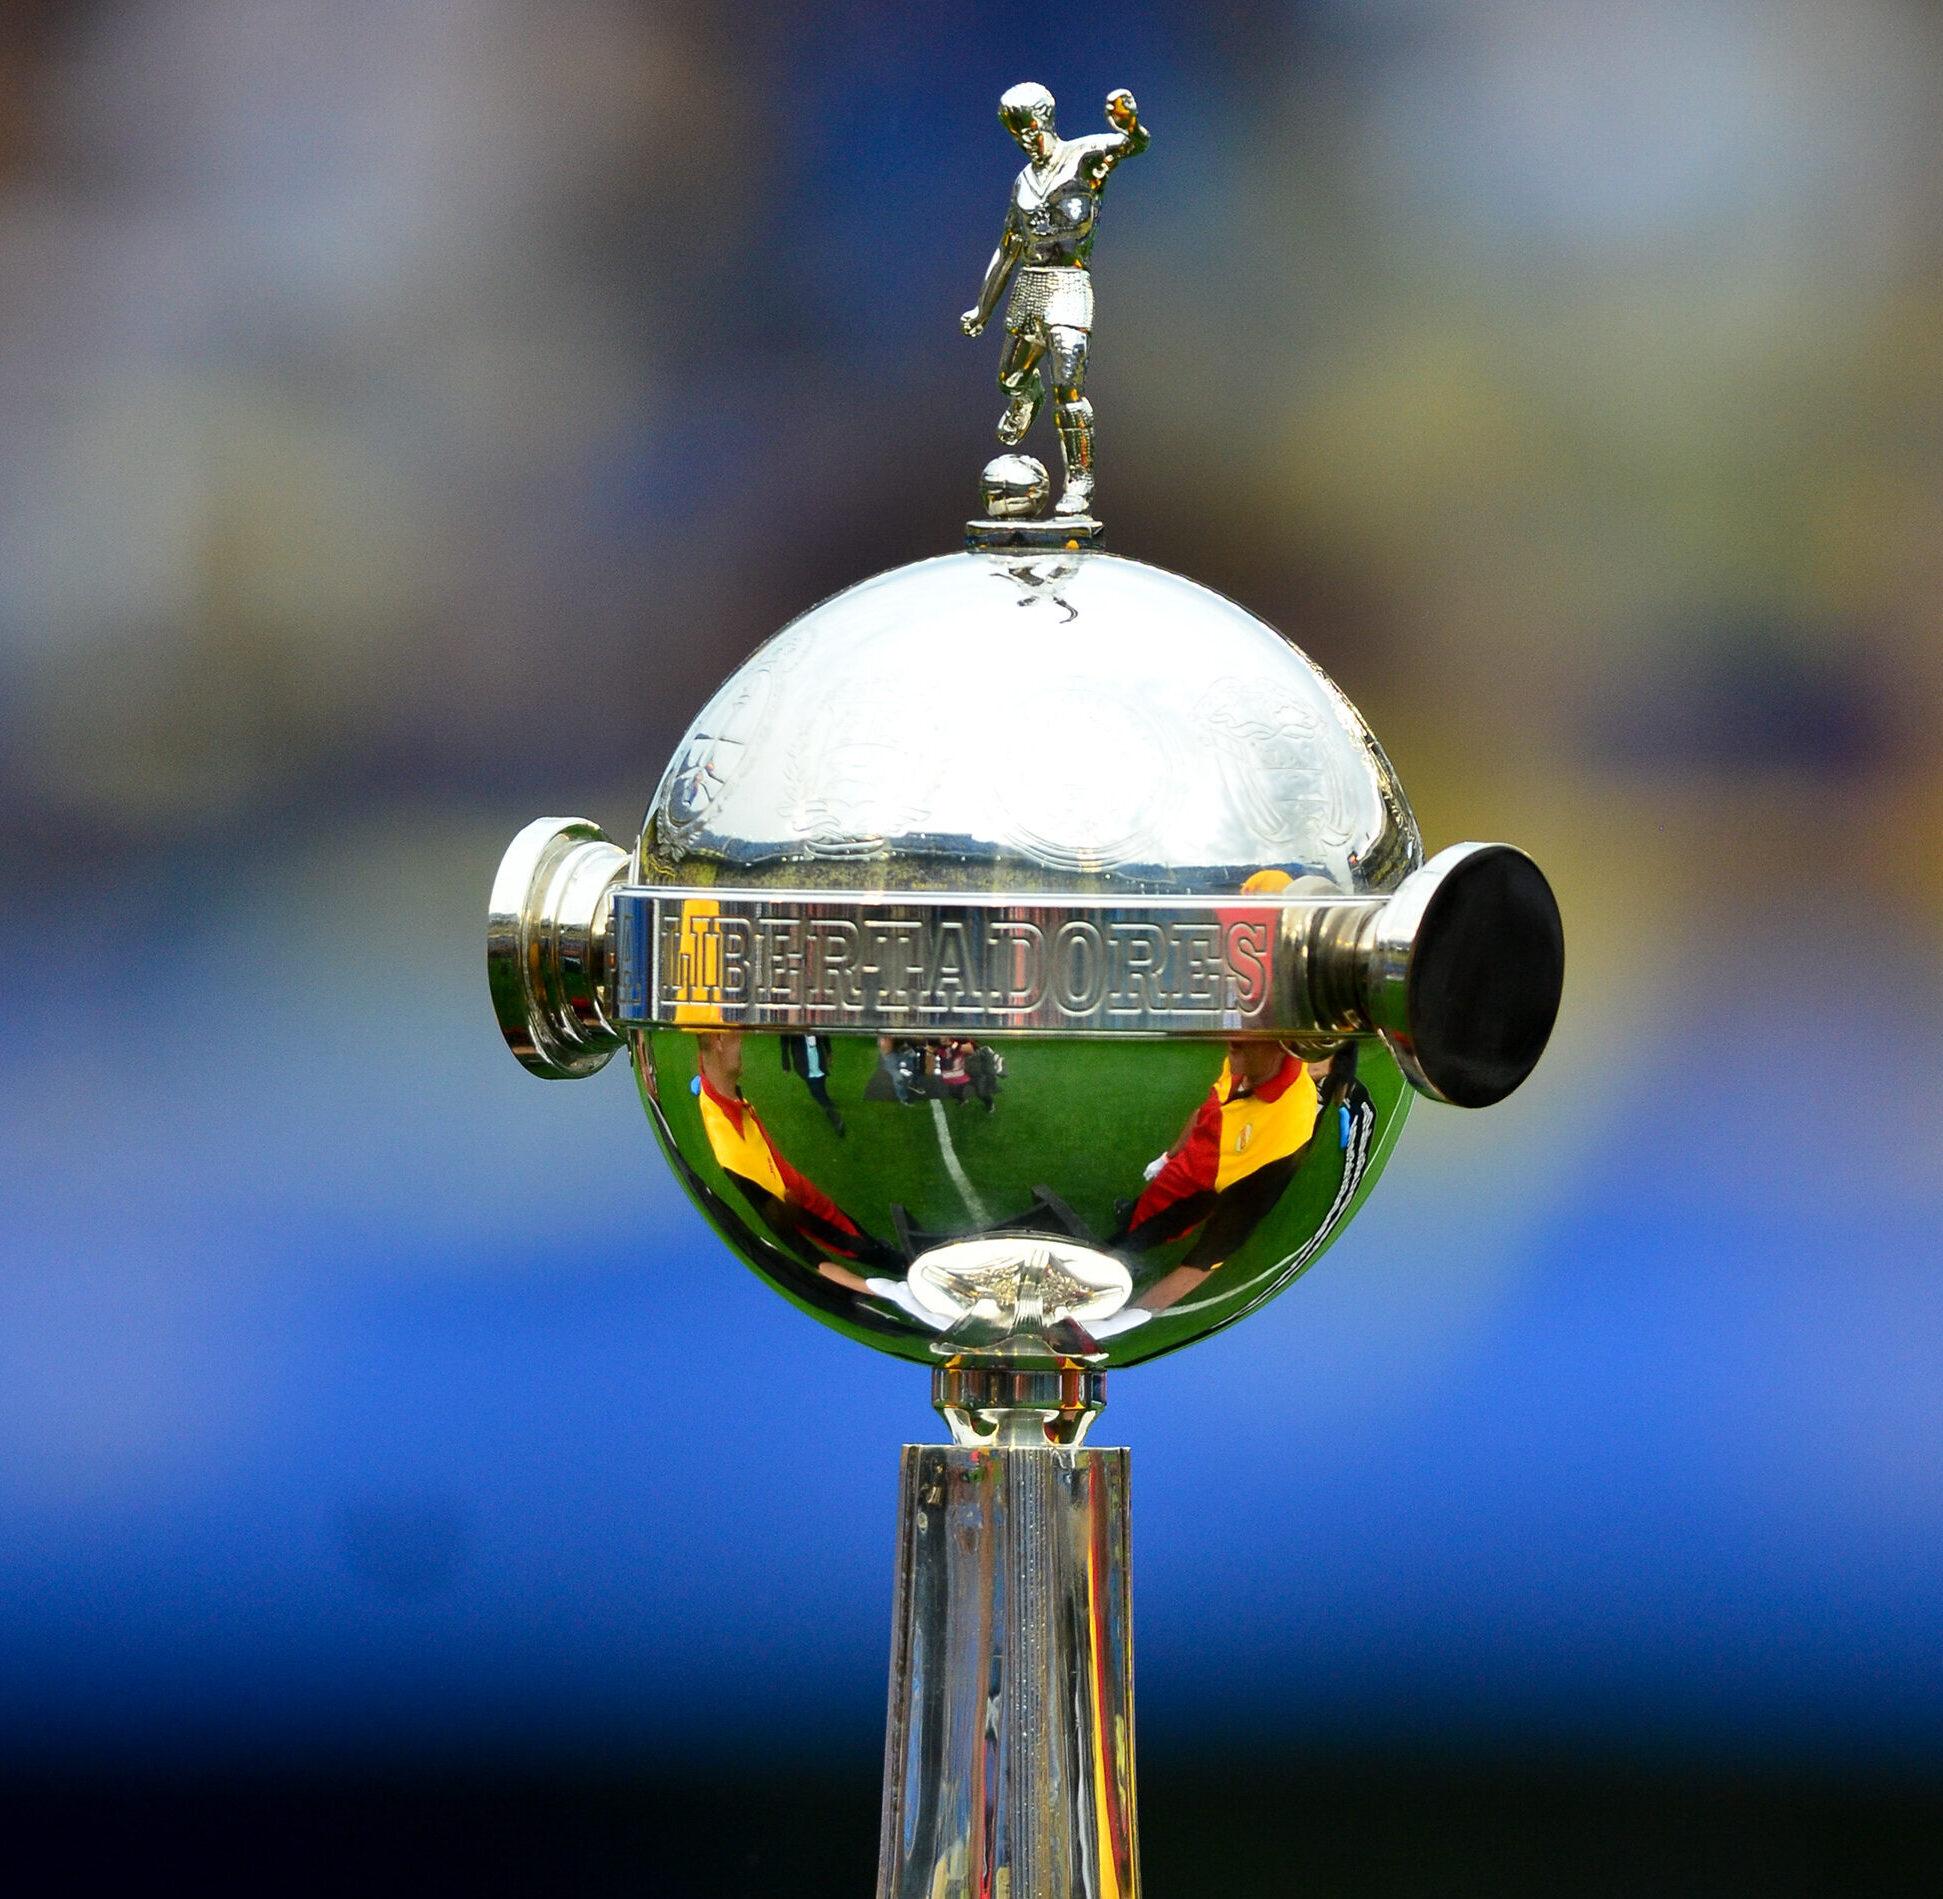 Quais As Finais Da Libertadores Que Voc U00ea Se Lembra